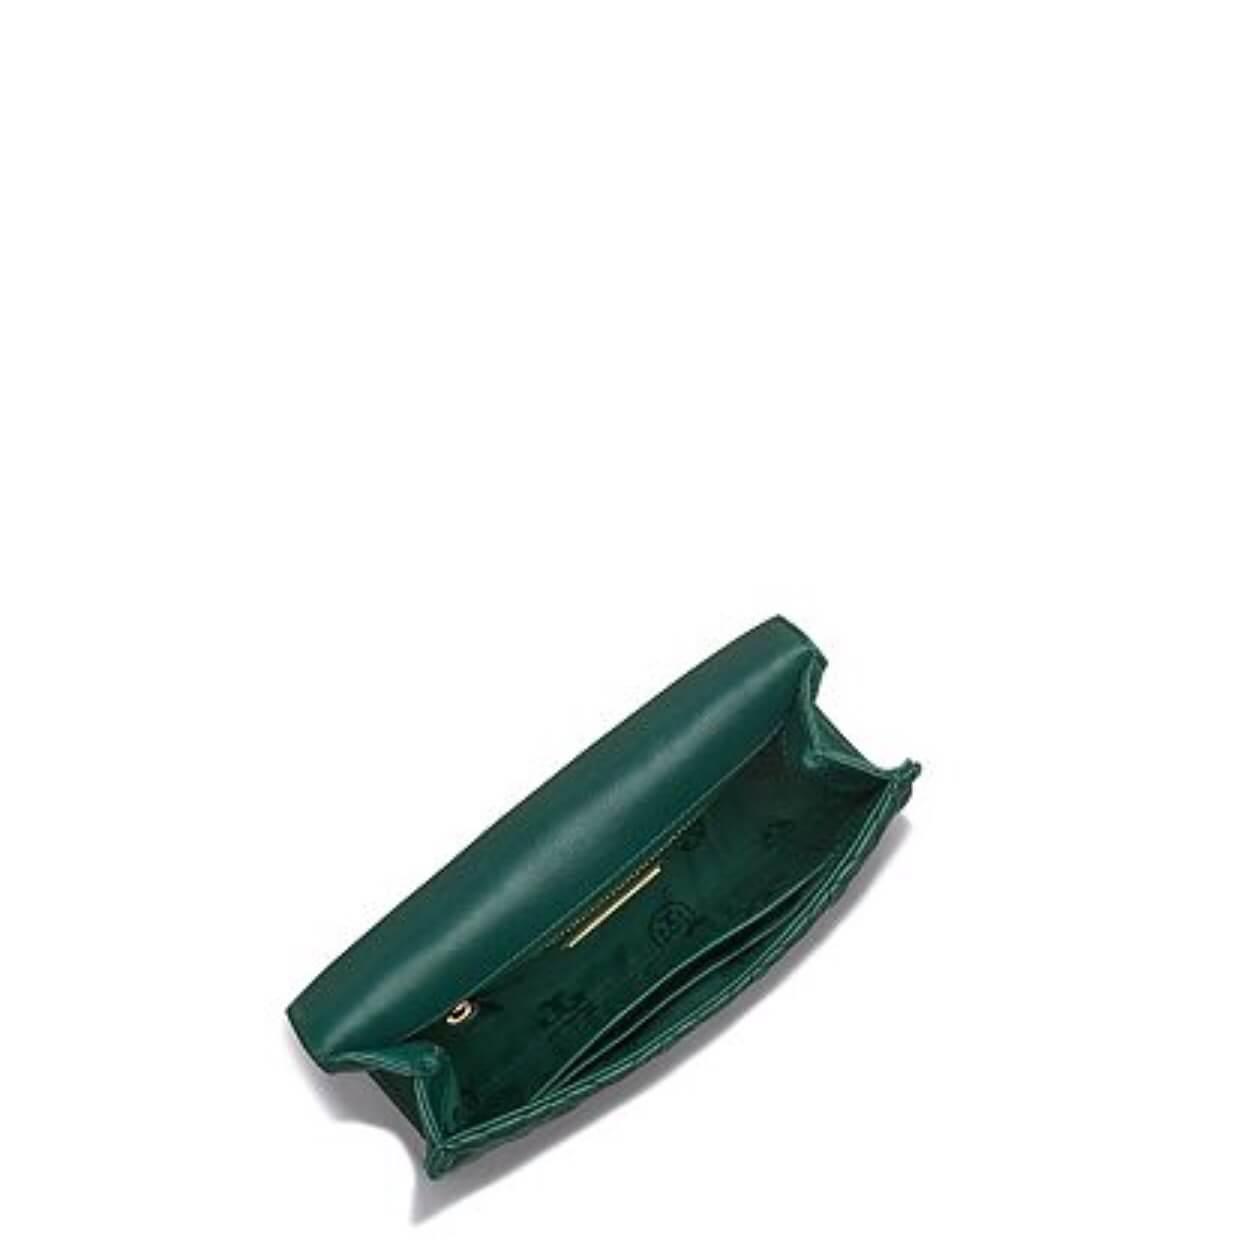 【Tory Burch】羊皮菱格質感小鍊包(黑/墨綠/粉) 8